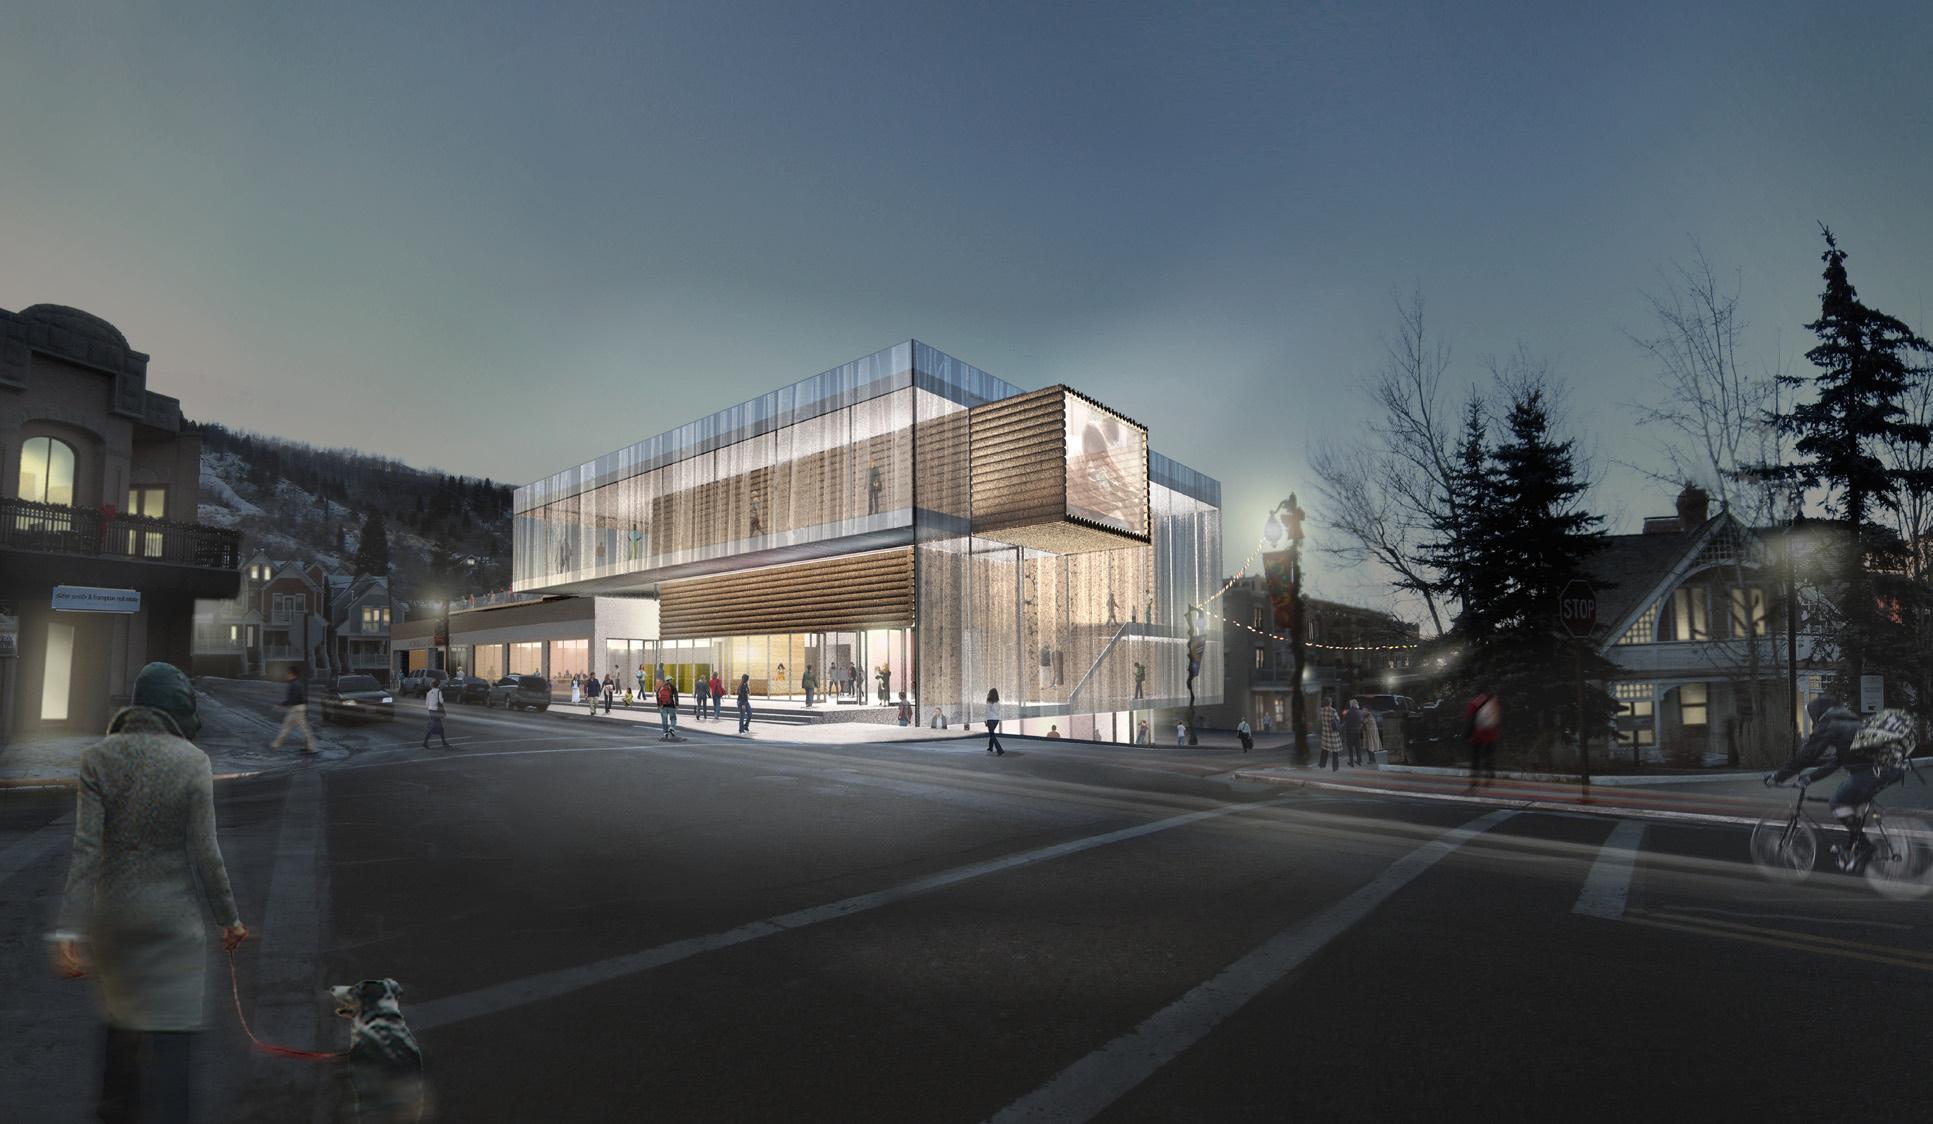 Finalista do concurso para o Centro de Arte Kimball / Sparano + Mooney Architecture, © Sparano +Mooney